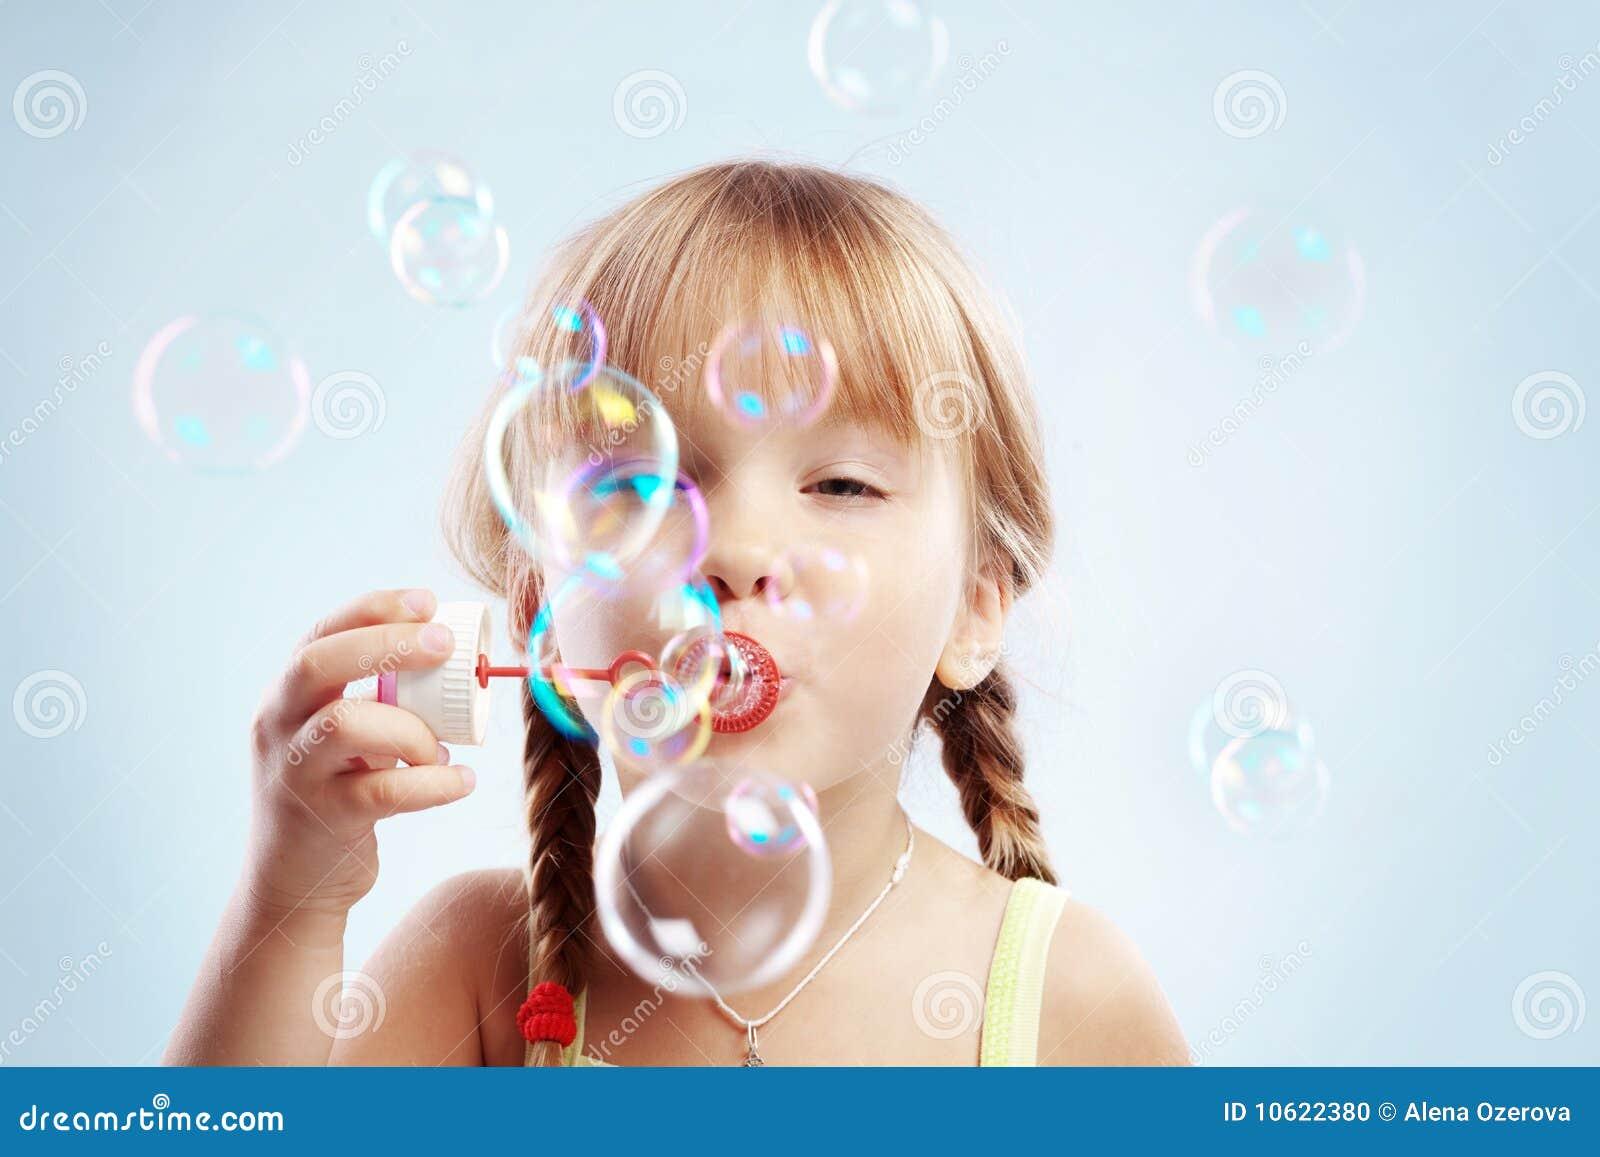 Burbujas que soplan de la niña